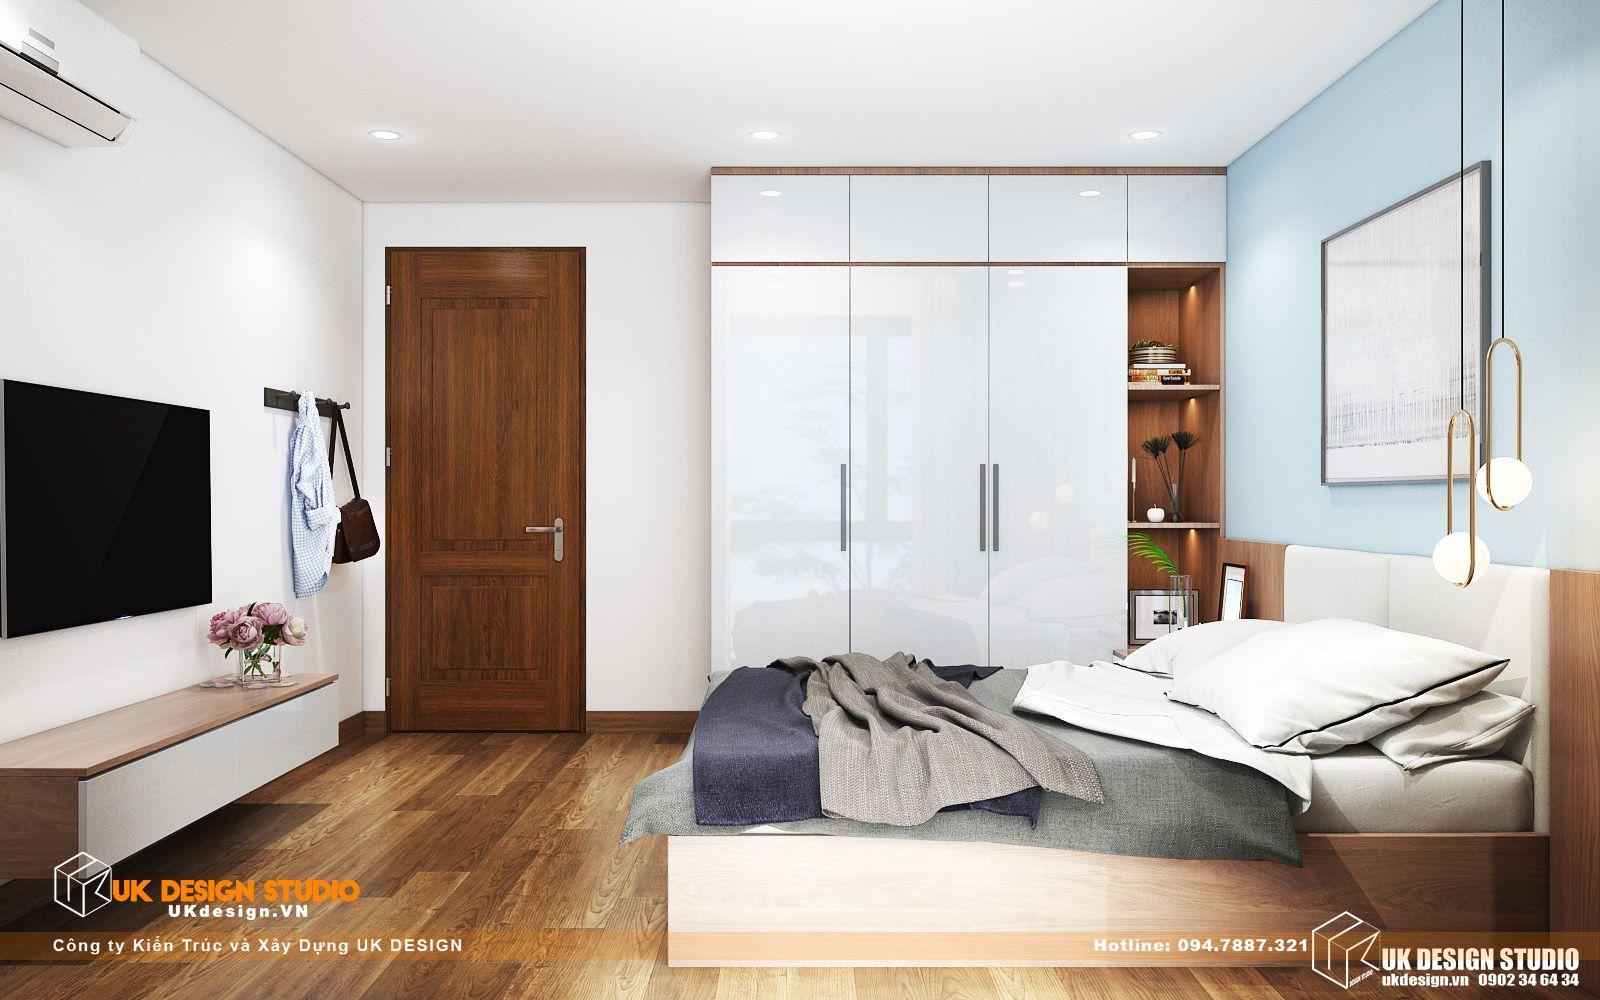 Thiết kế nội thất biệt thự nhà đẹp 3 tầng ở Quận 8 - phòng ngủ khách 12